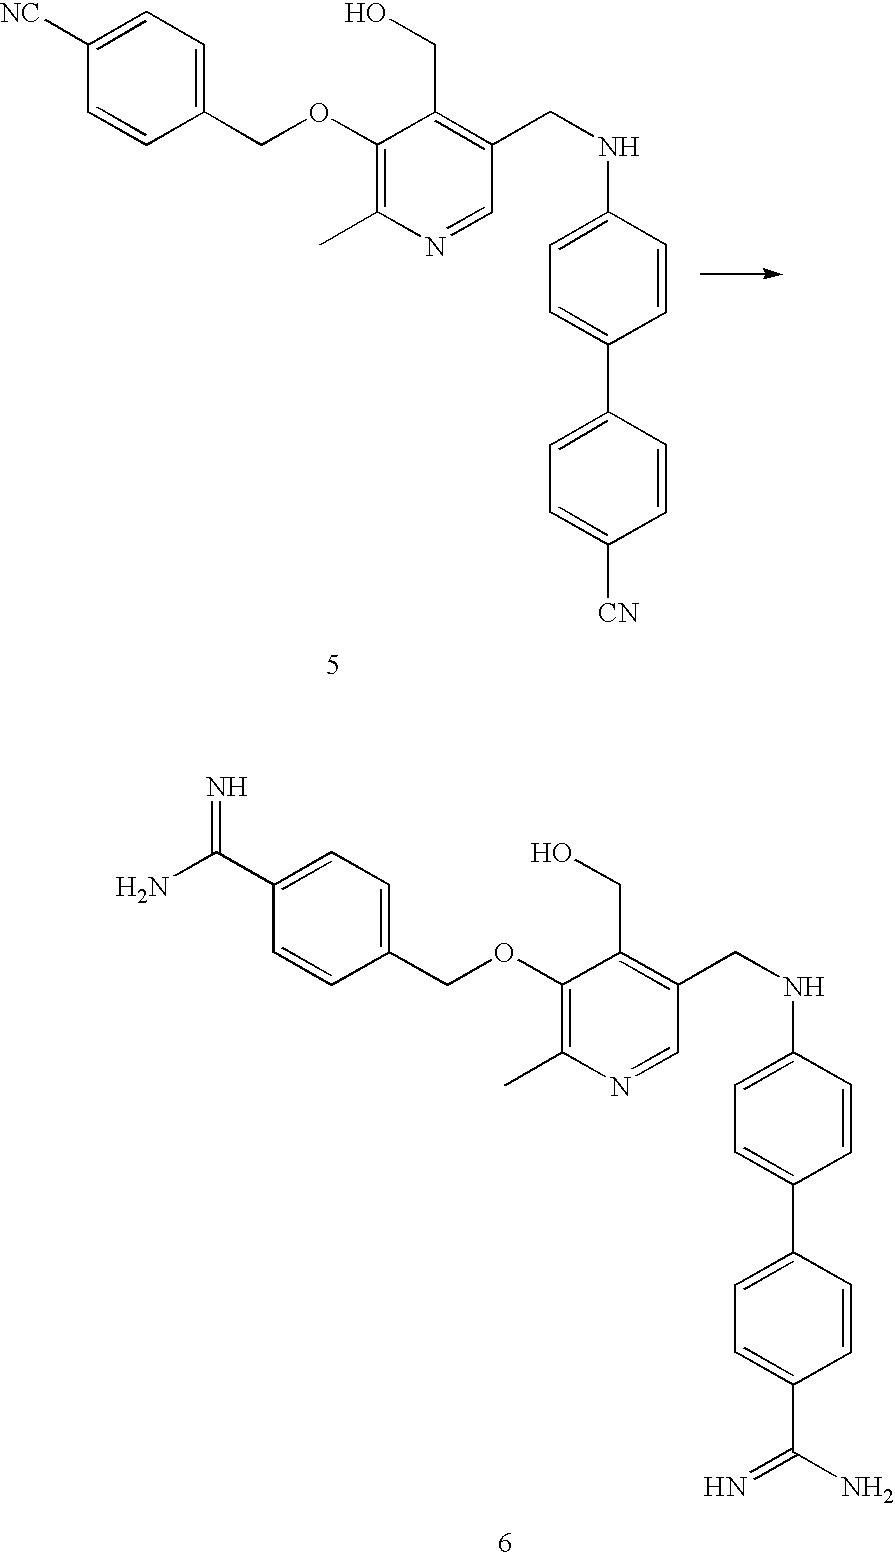 Figure US20060094761A1-20060504-C00036